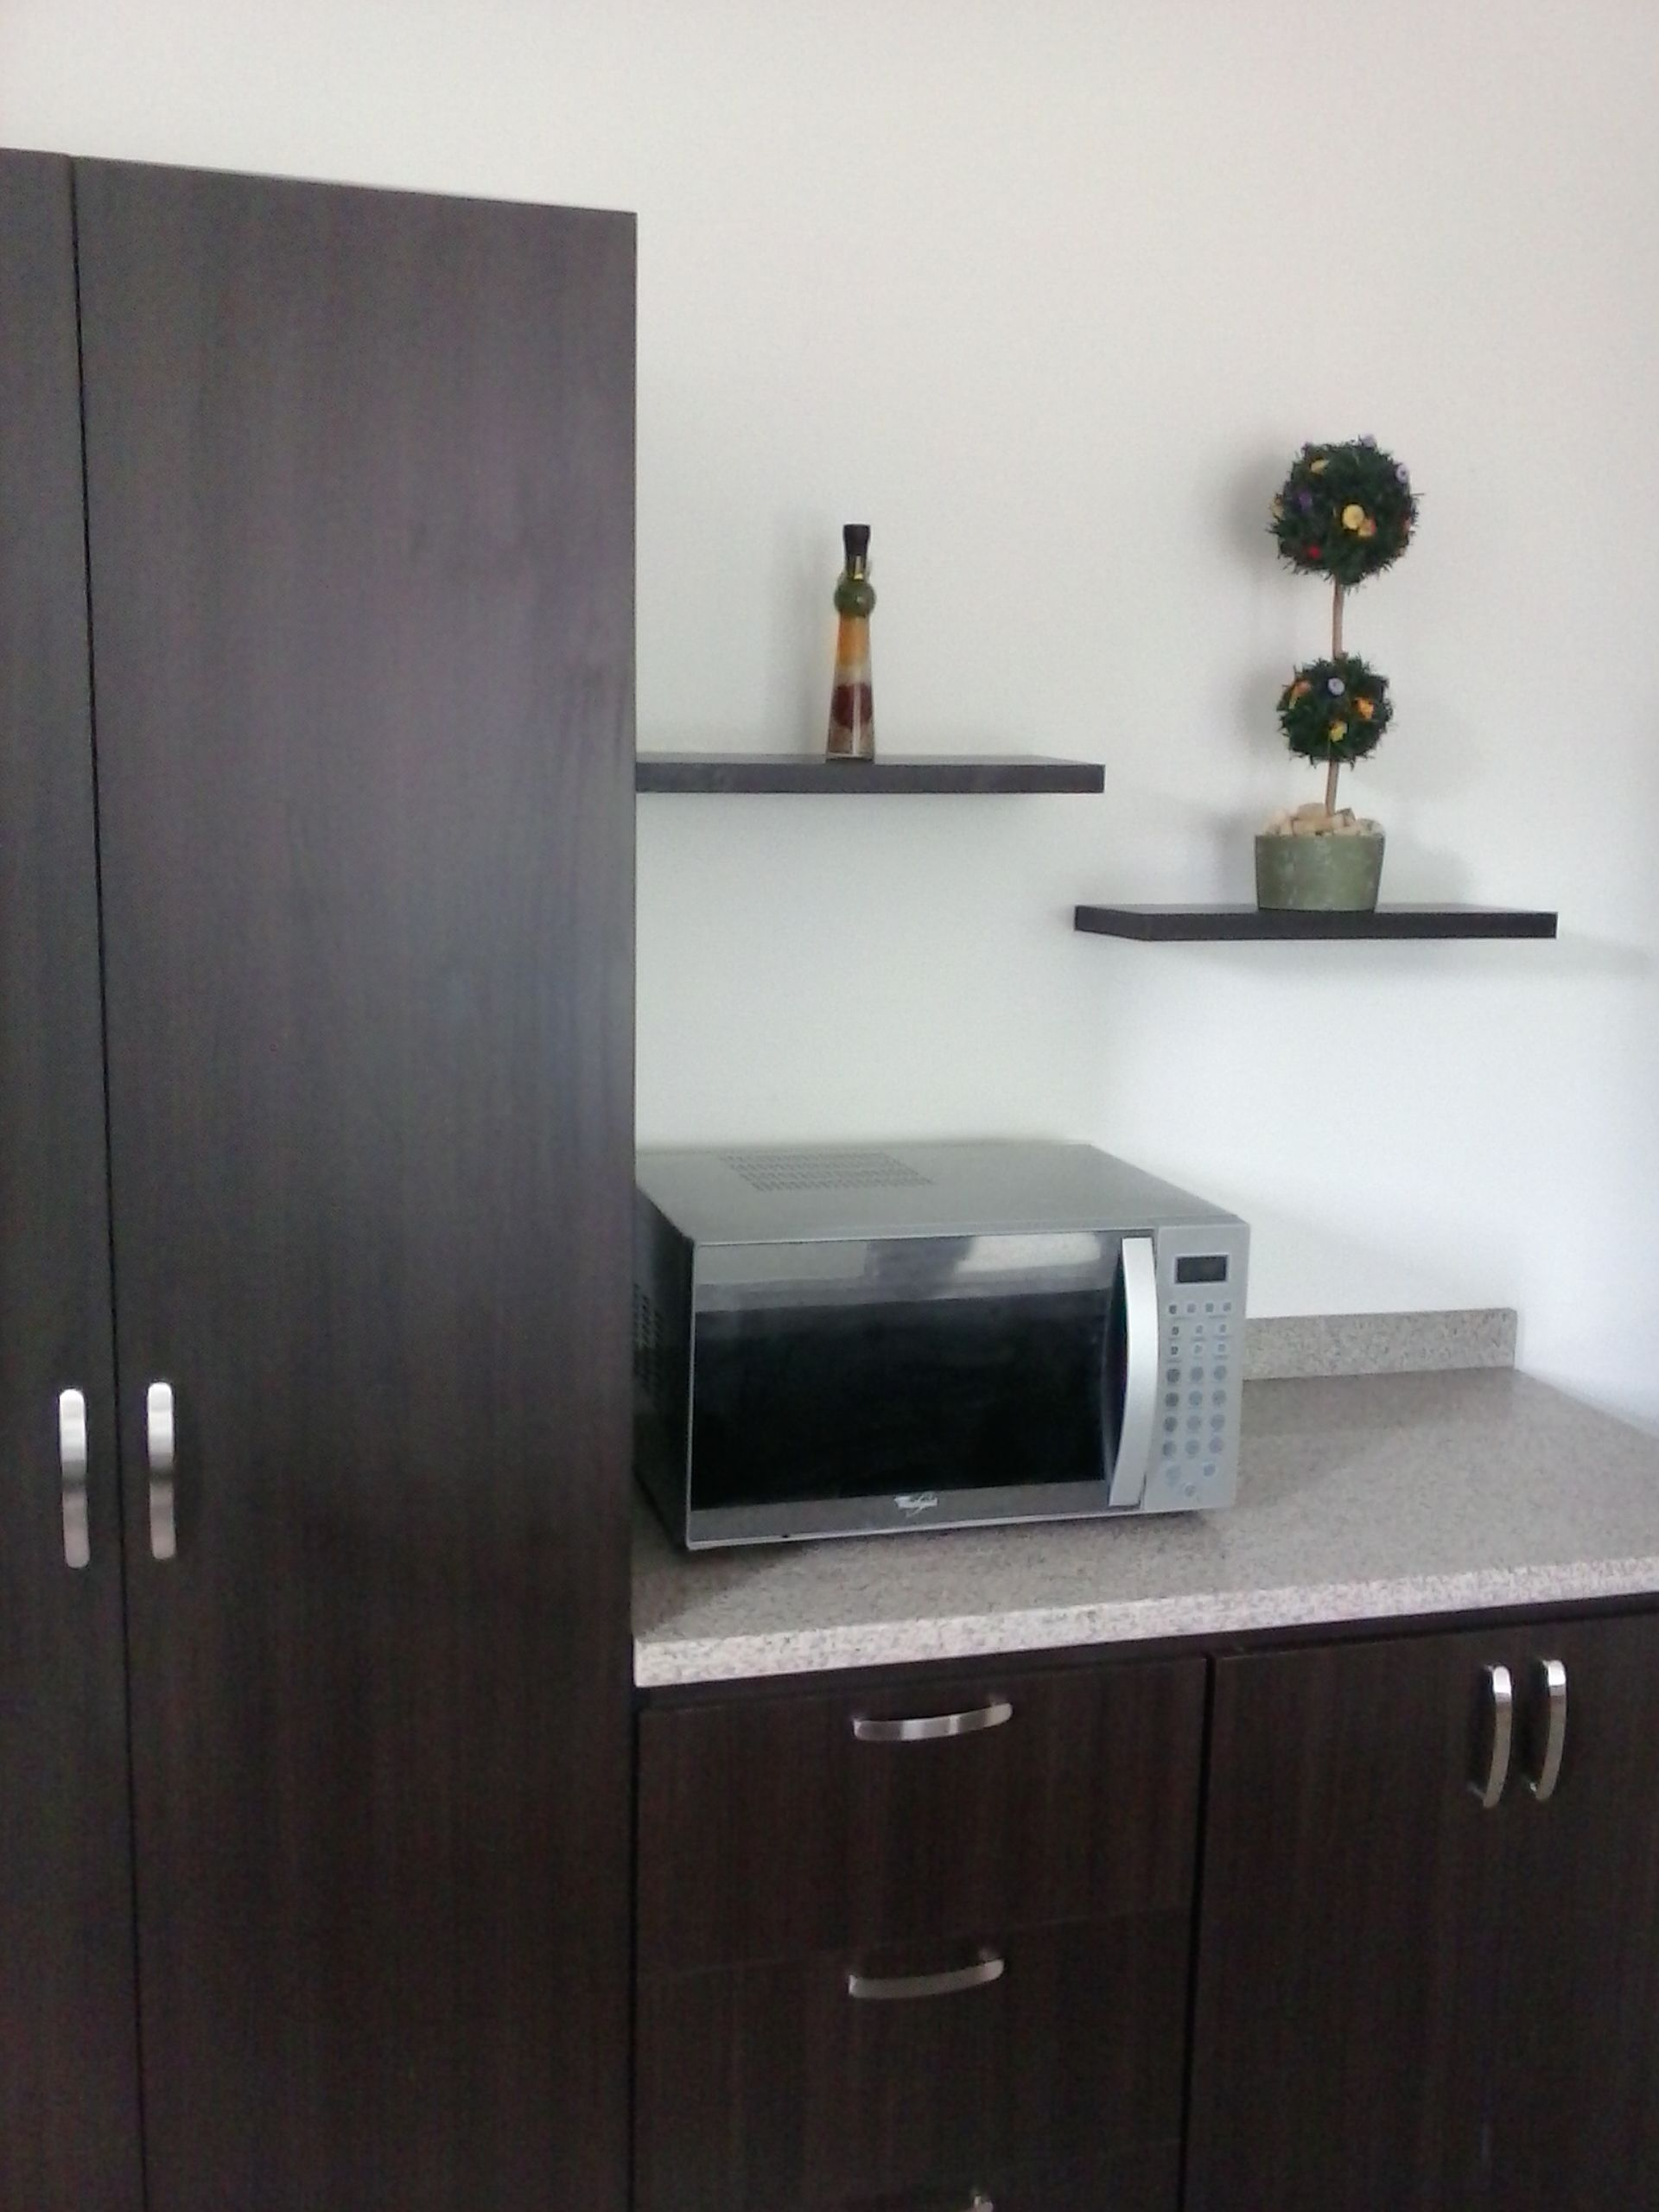 Fabricado por c g arte y decoracion en madecor 15 mm for Cocinas integrales armables